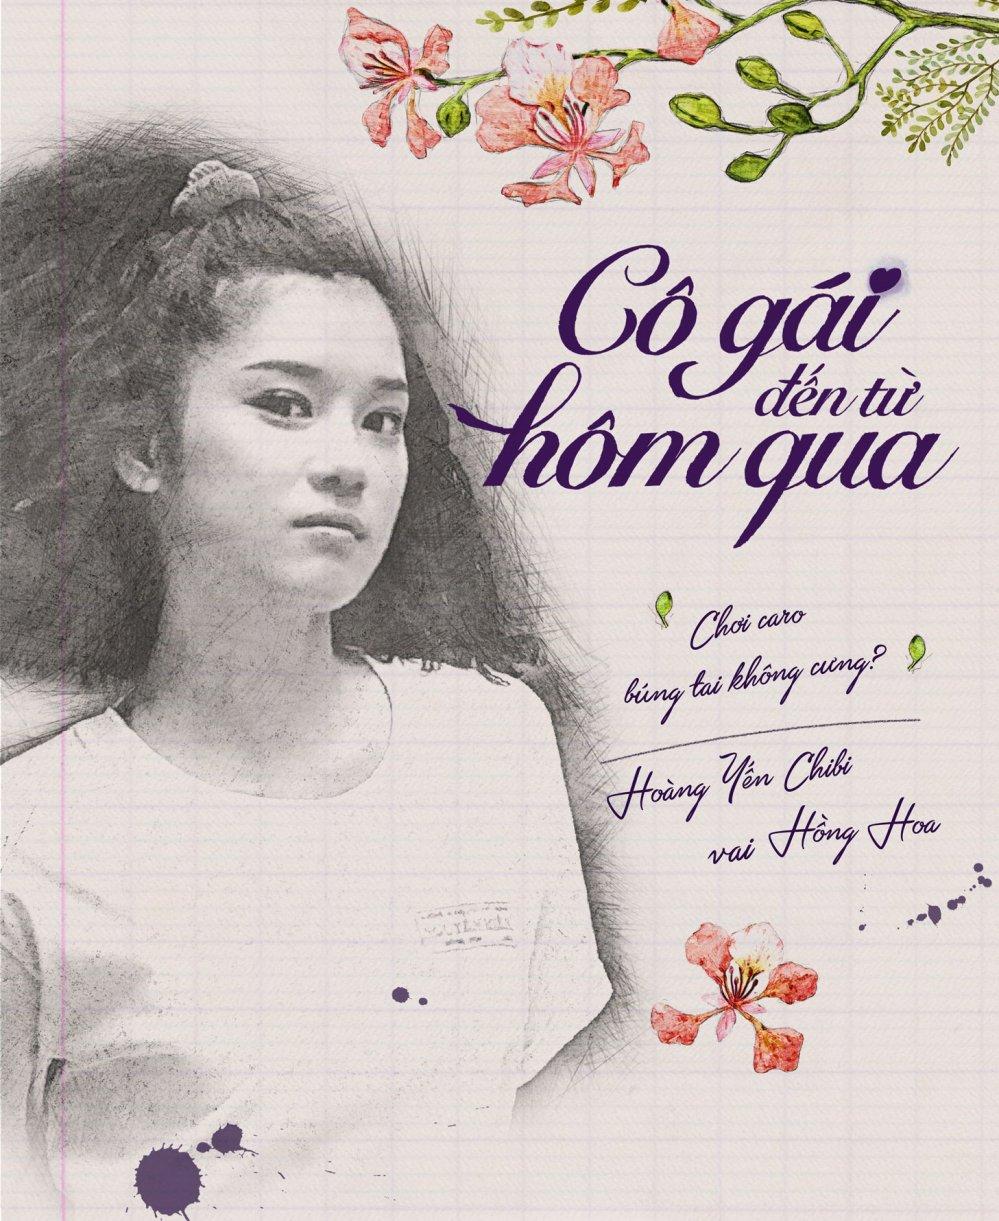 Hoang Yen Chibi ngan can Ngo Kien Huy quen ban gai hinh anh 3